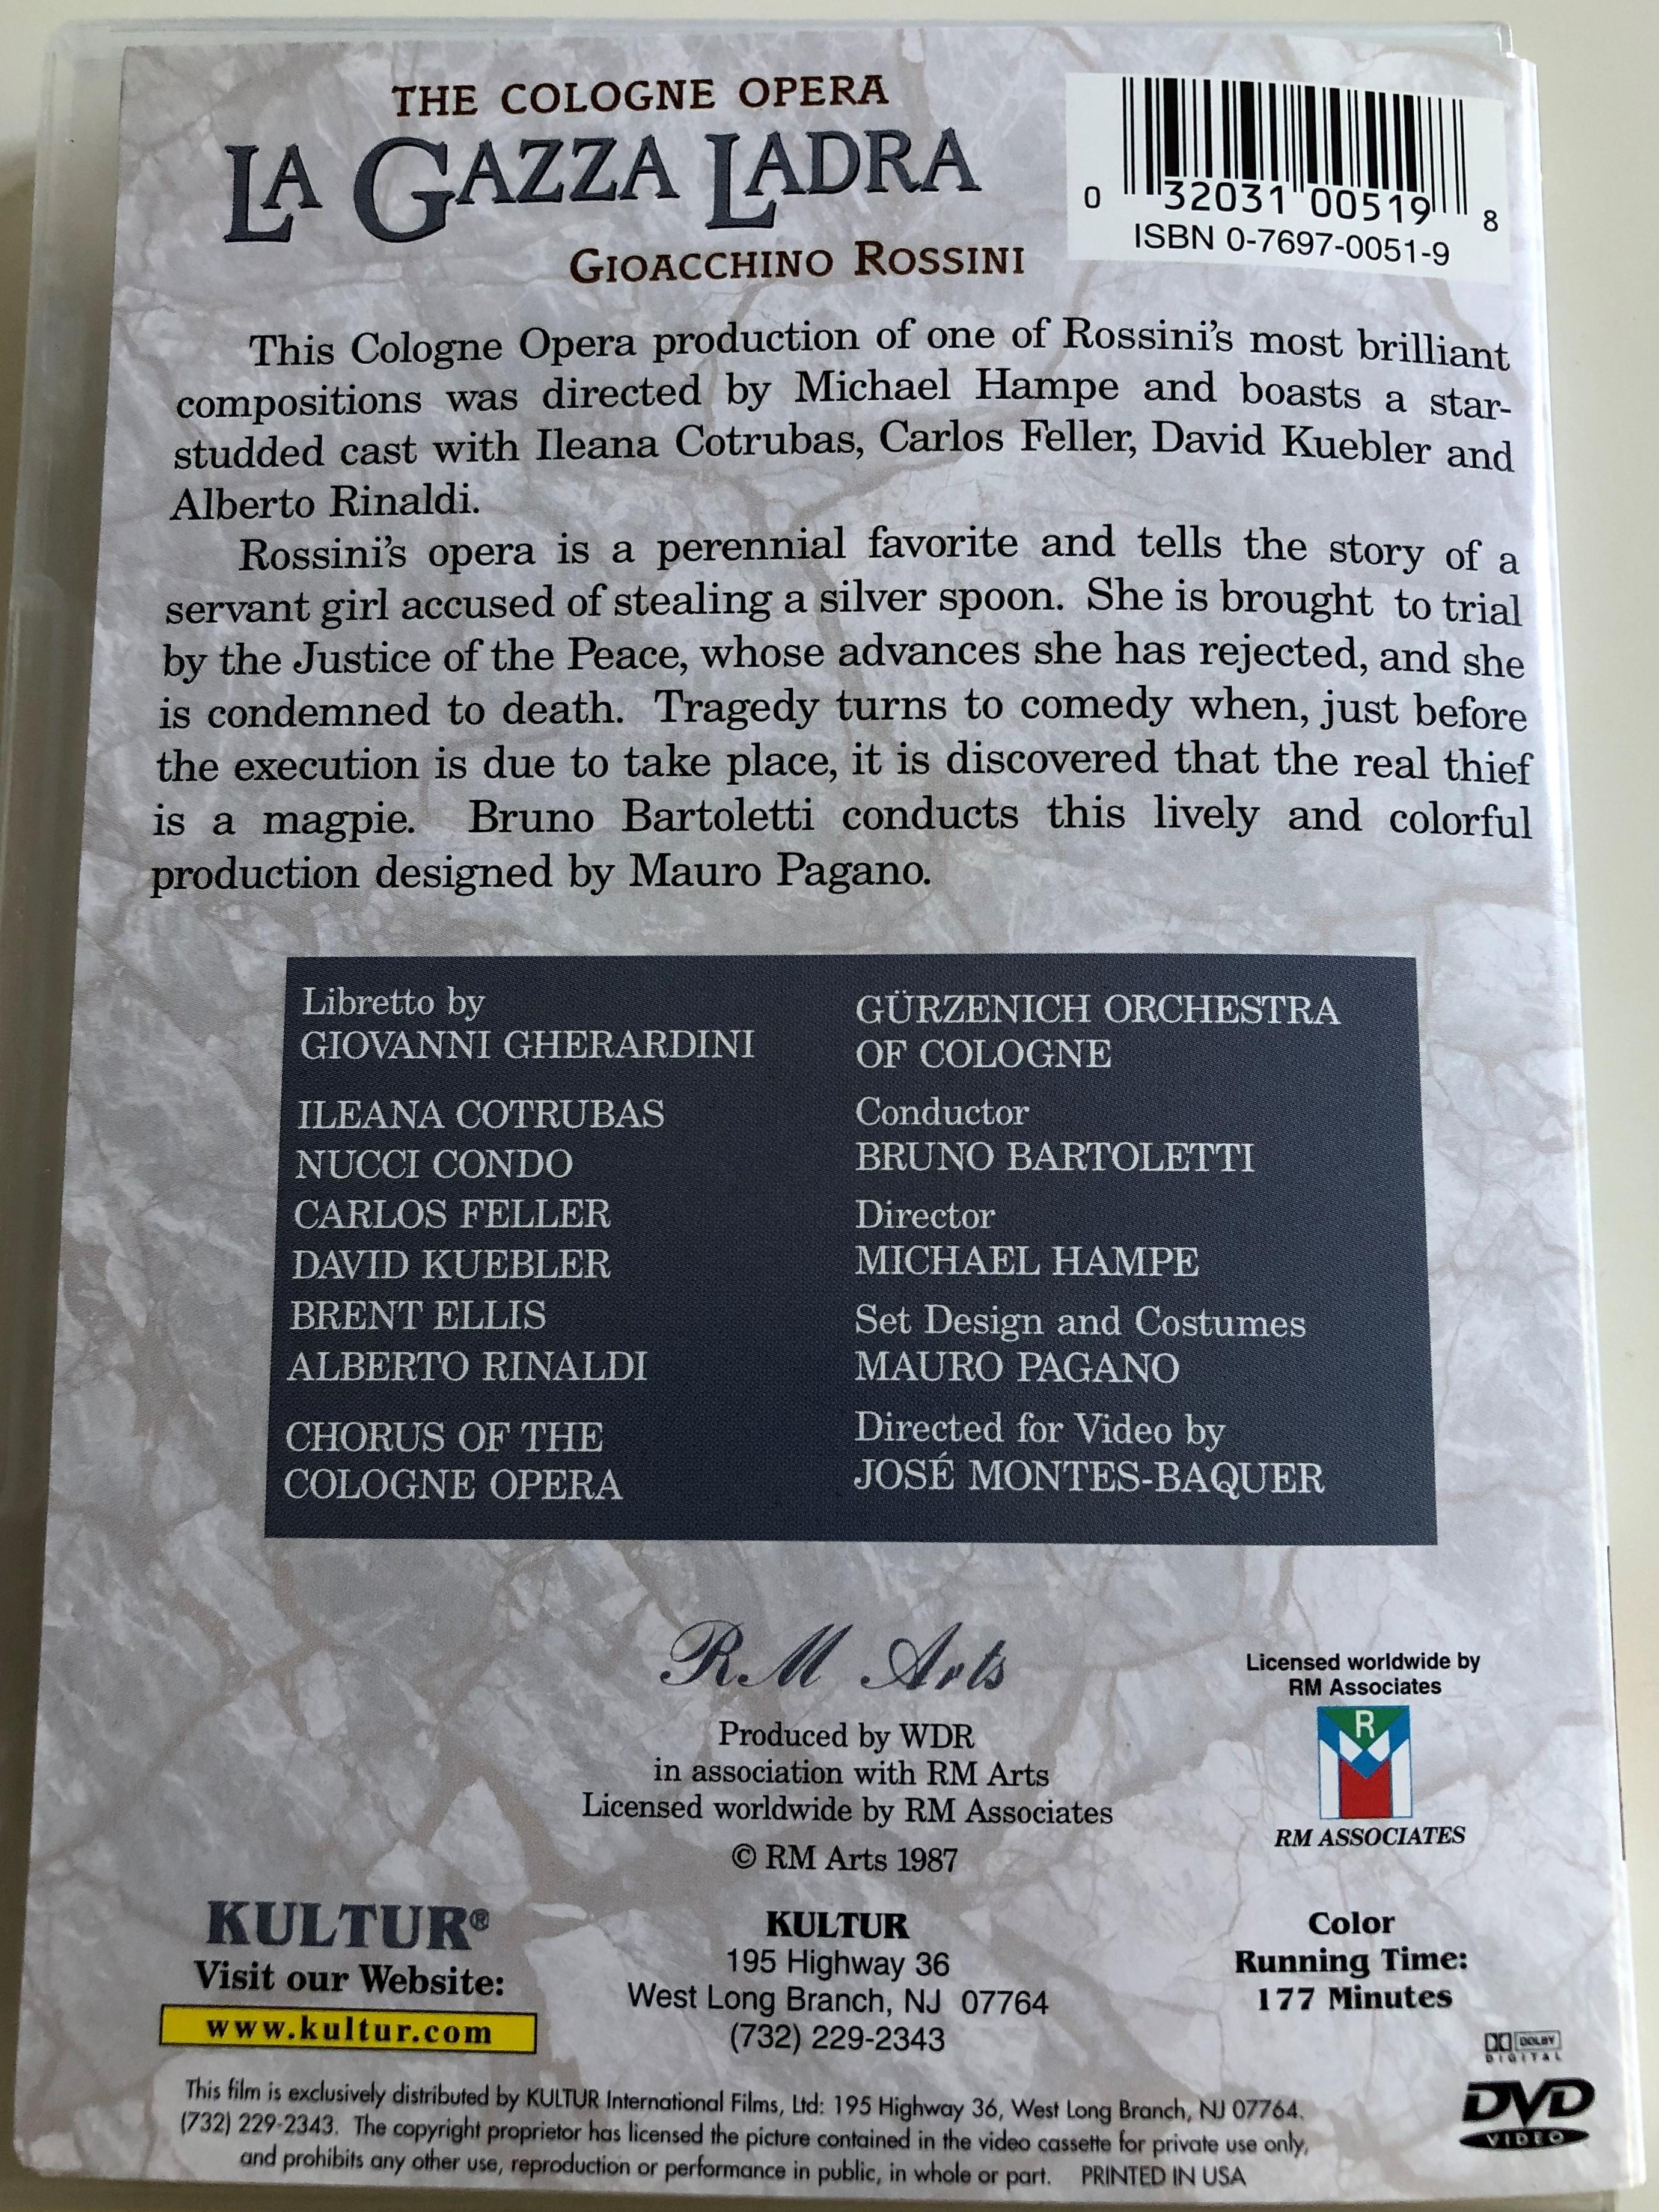 the-cologne-opera-gioacchino-rossini-la-gazza-ladra-dvd-2002-chorus-of-the-cologne-opera-g-rzenich-orchestra-of-cologne-conducted-by-brun-bartoletti-directed-by-michael-hampe-3-.jpg